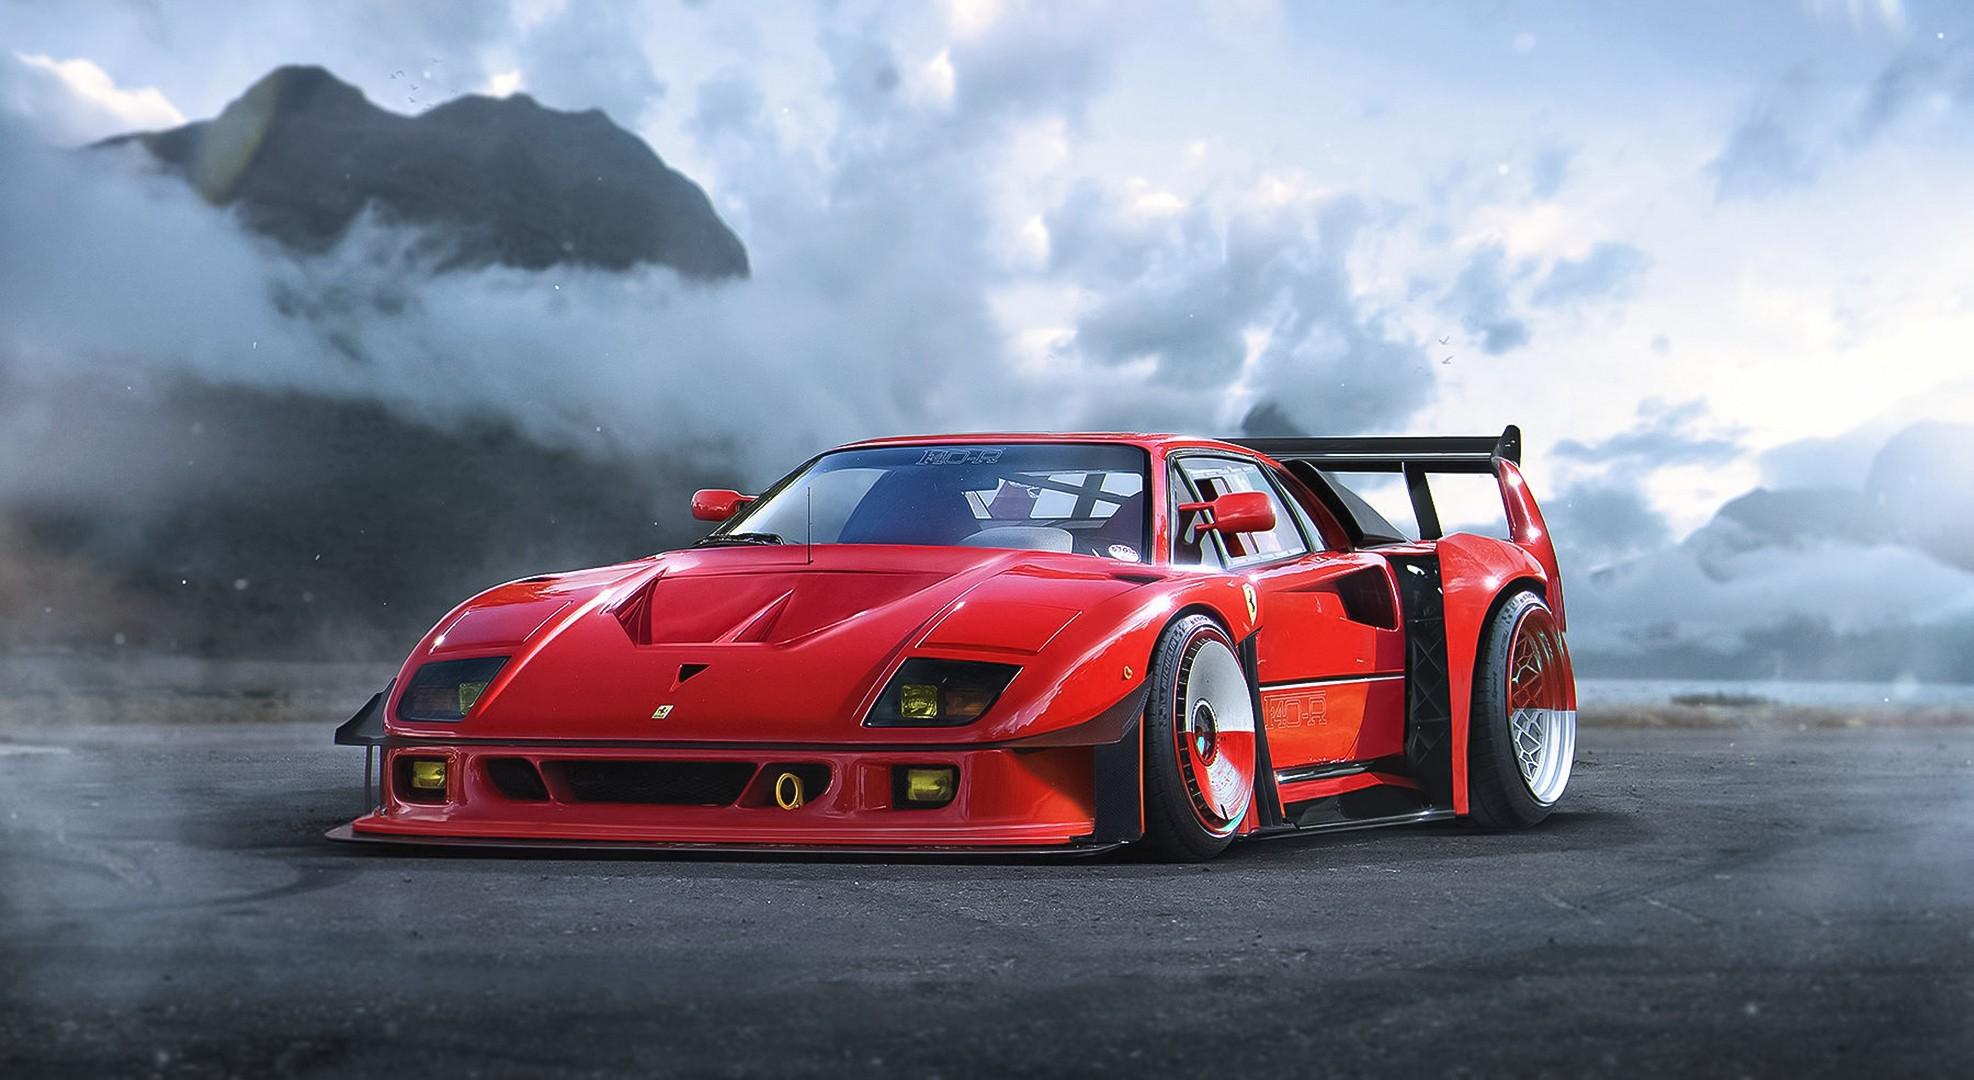 Wallpaper : red cars, sports car, Ferrari F40, performance ...